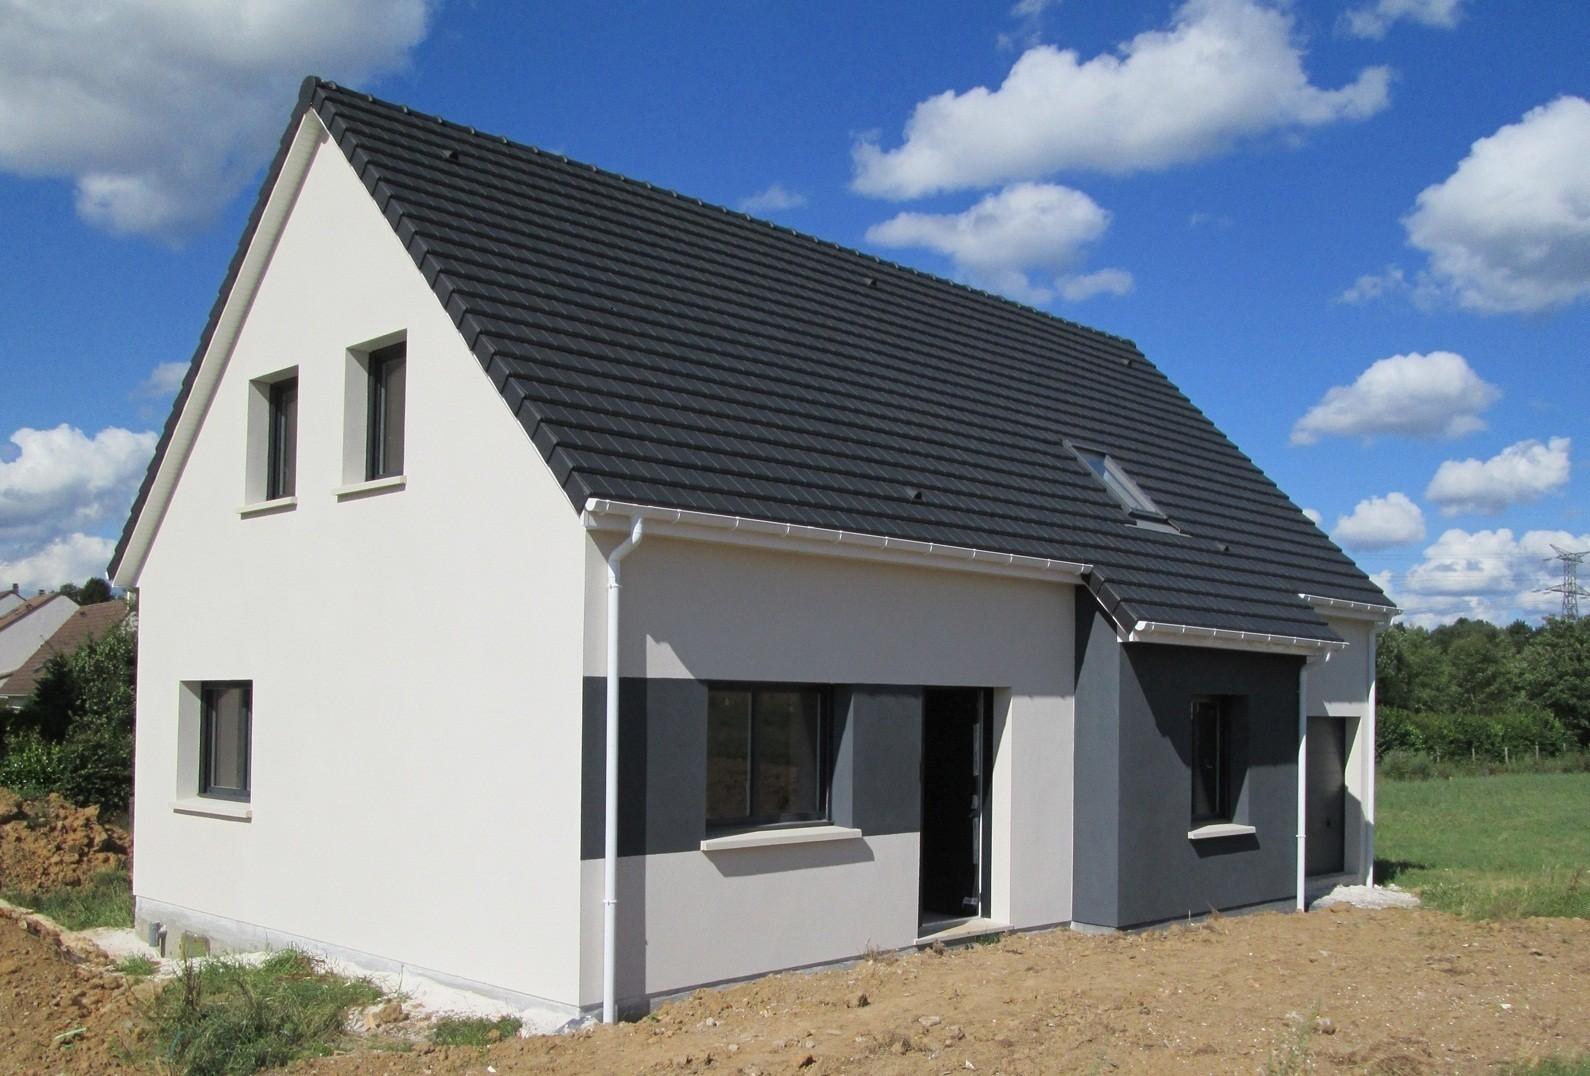 Maisons + Terrains du constructeur Maison Familiale-59121-PROUVY • 110 m² • ORCHIES